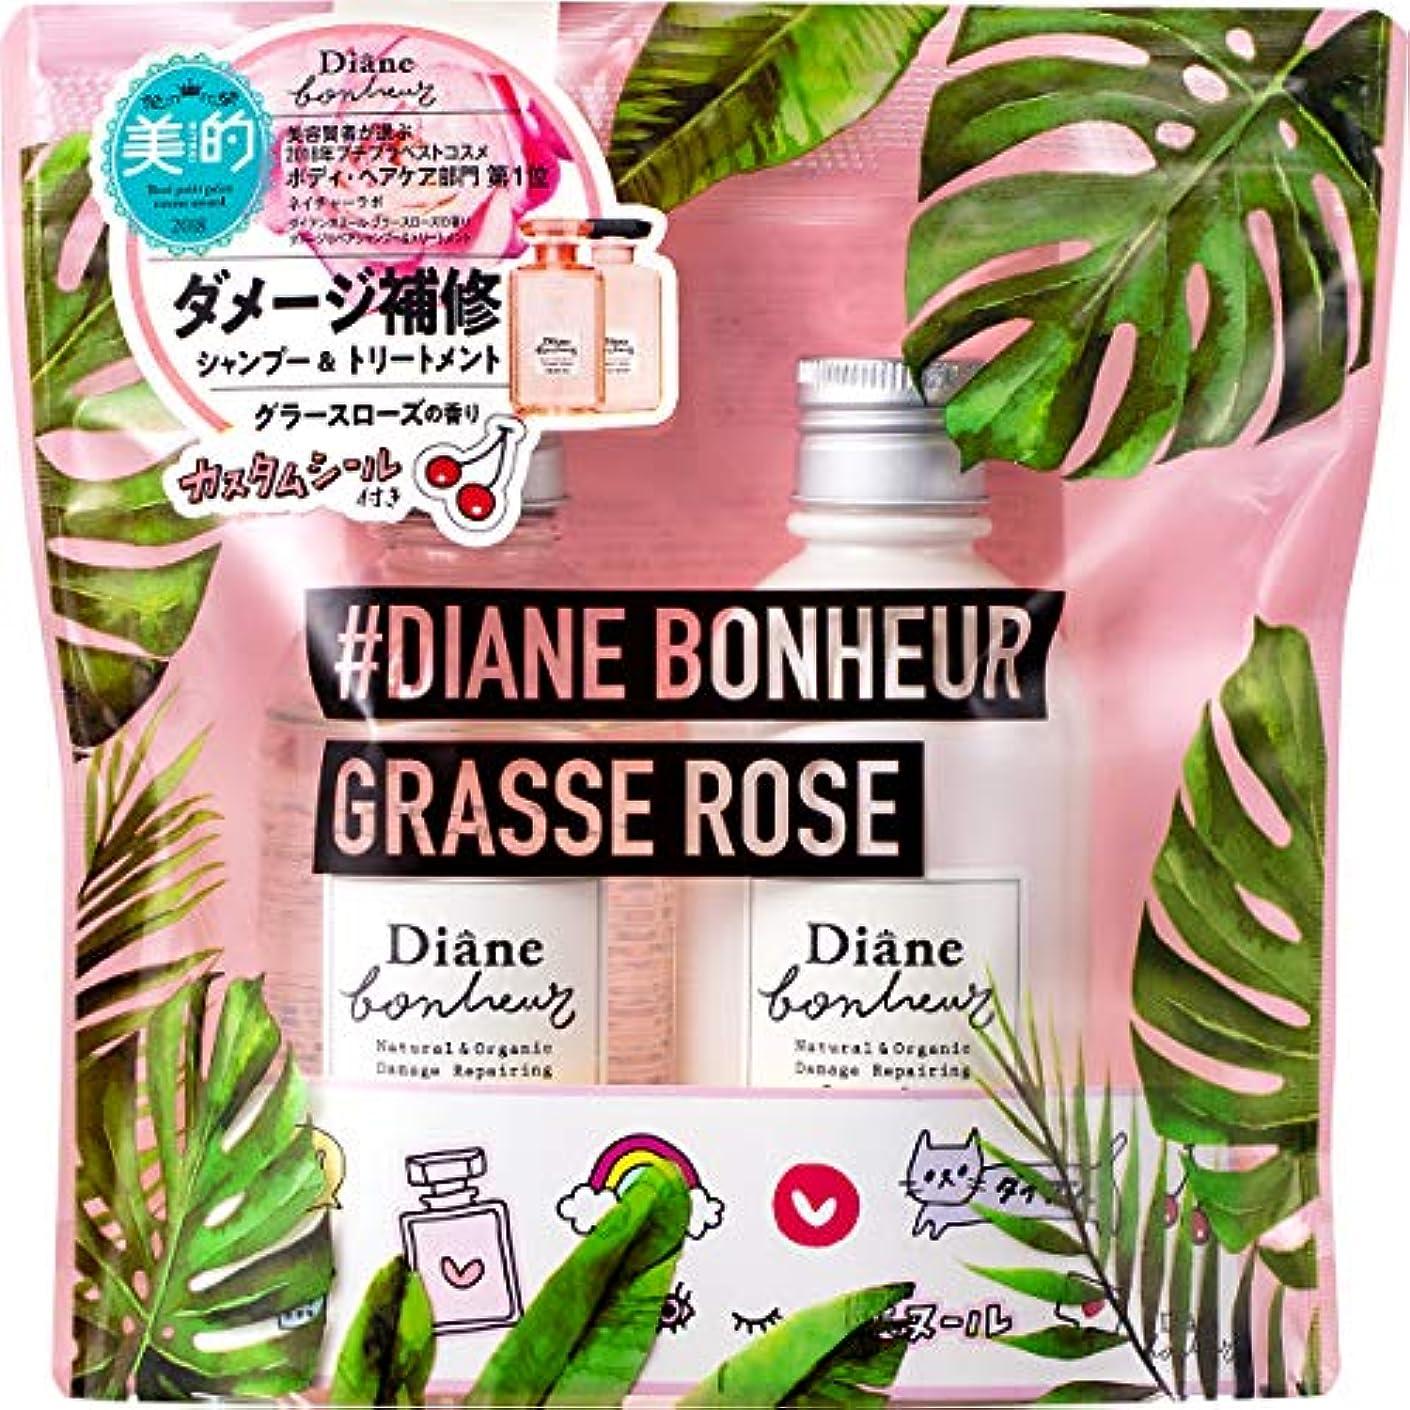 申込み逸脱地上でDiane Bonheur (ダイアン ボヌール) ダイアン ボヌール シャンプー&トリートメント セット GrasseRose 200mlボトル ポーチ付 200ml×2